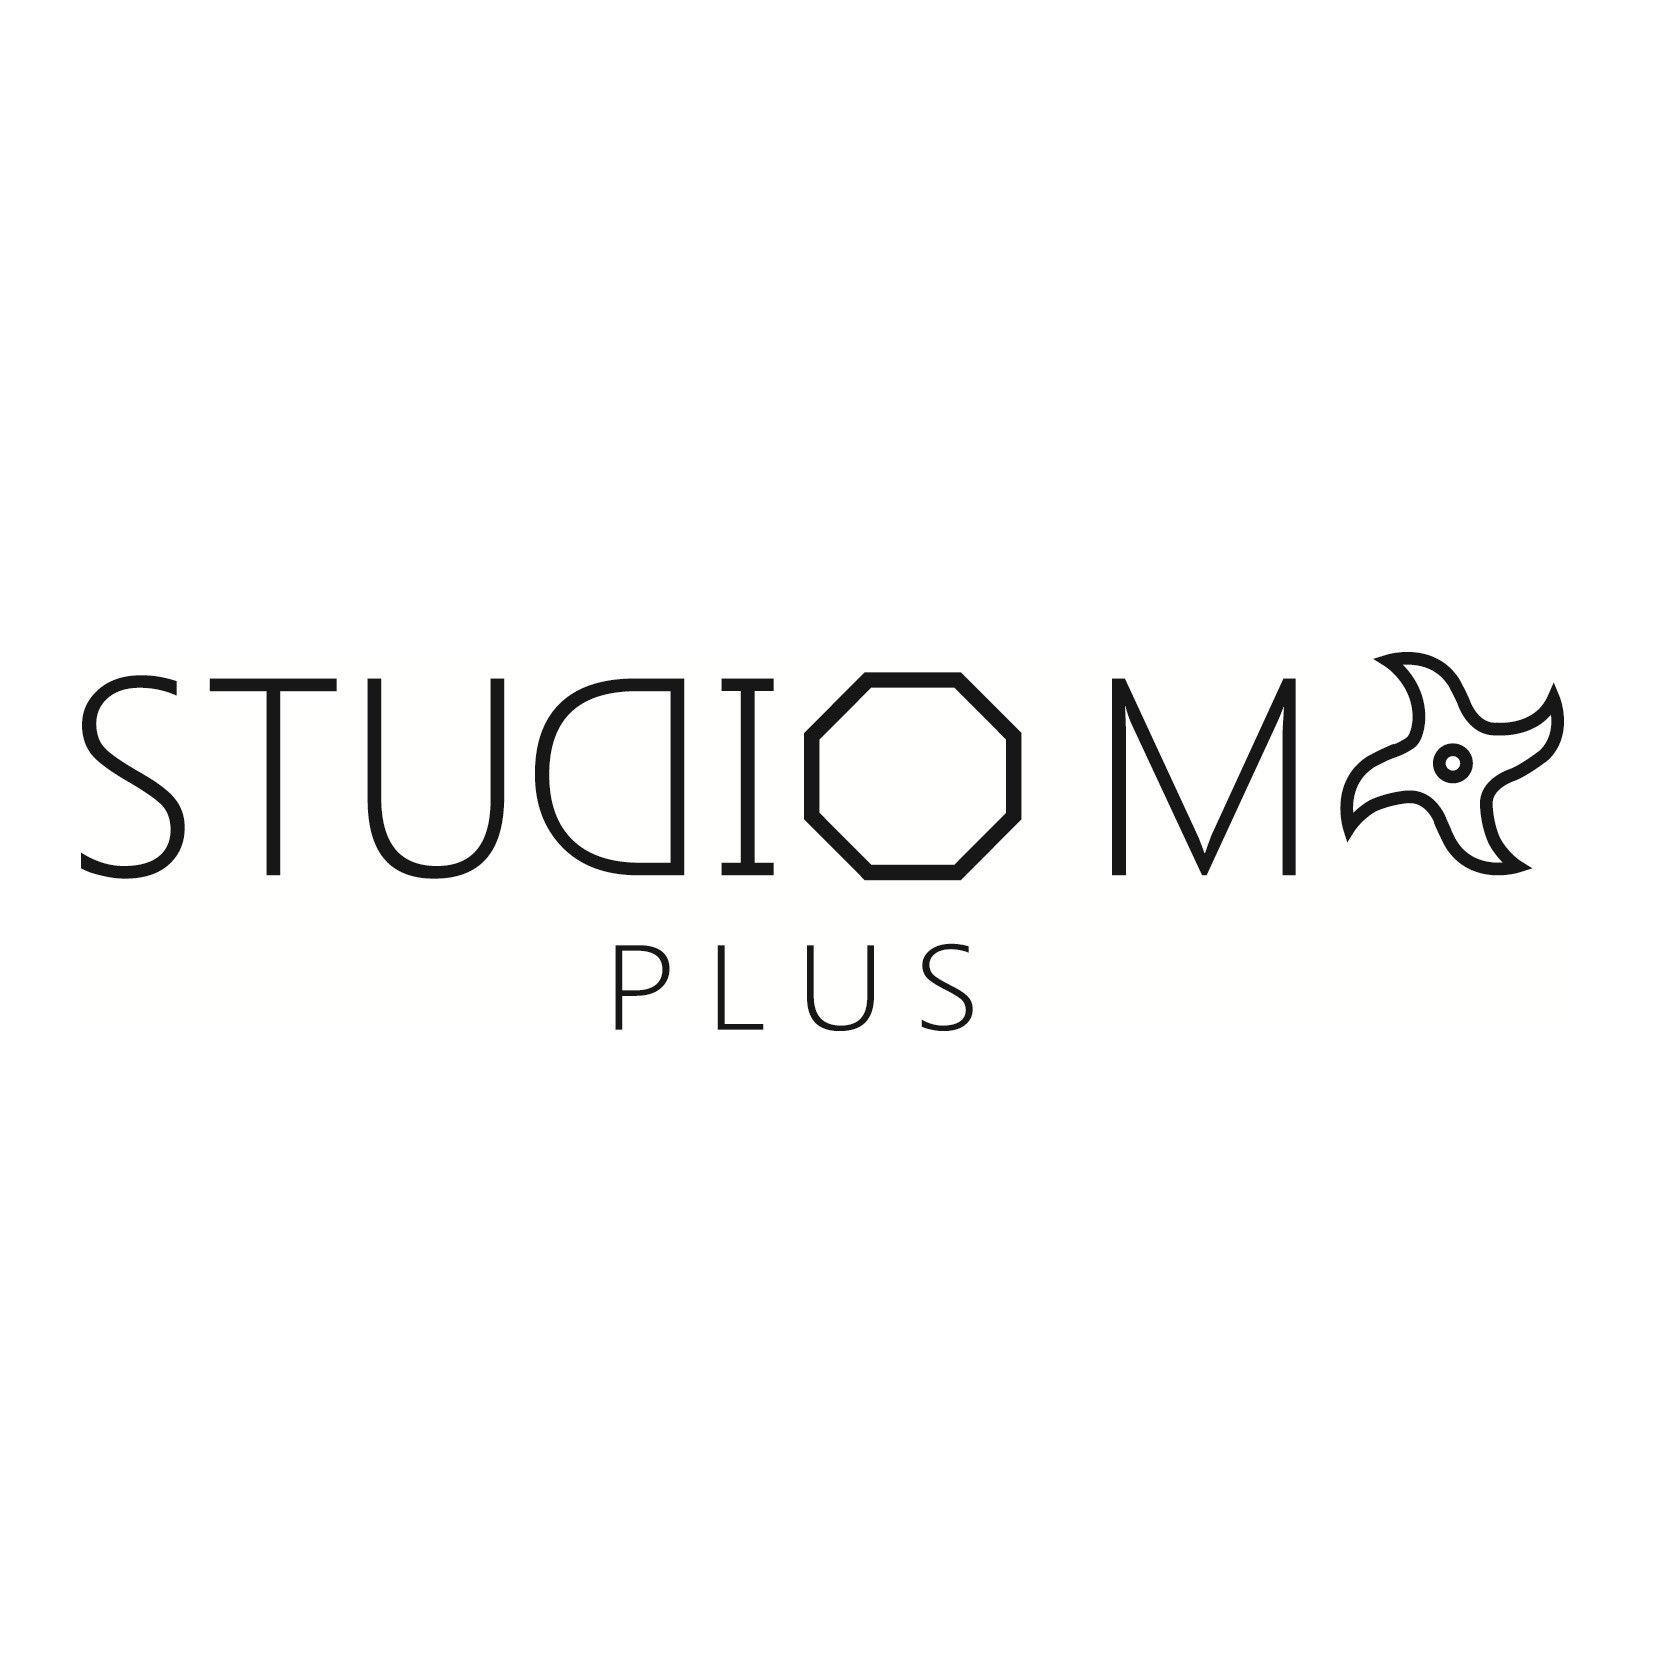 studio m+ by masato fujii